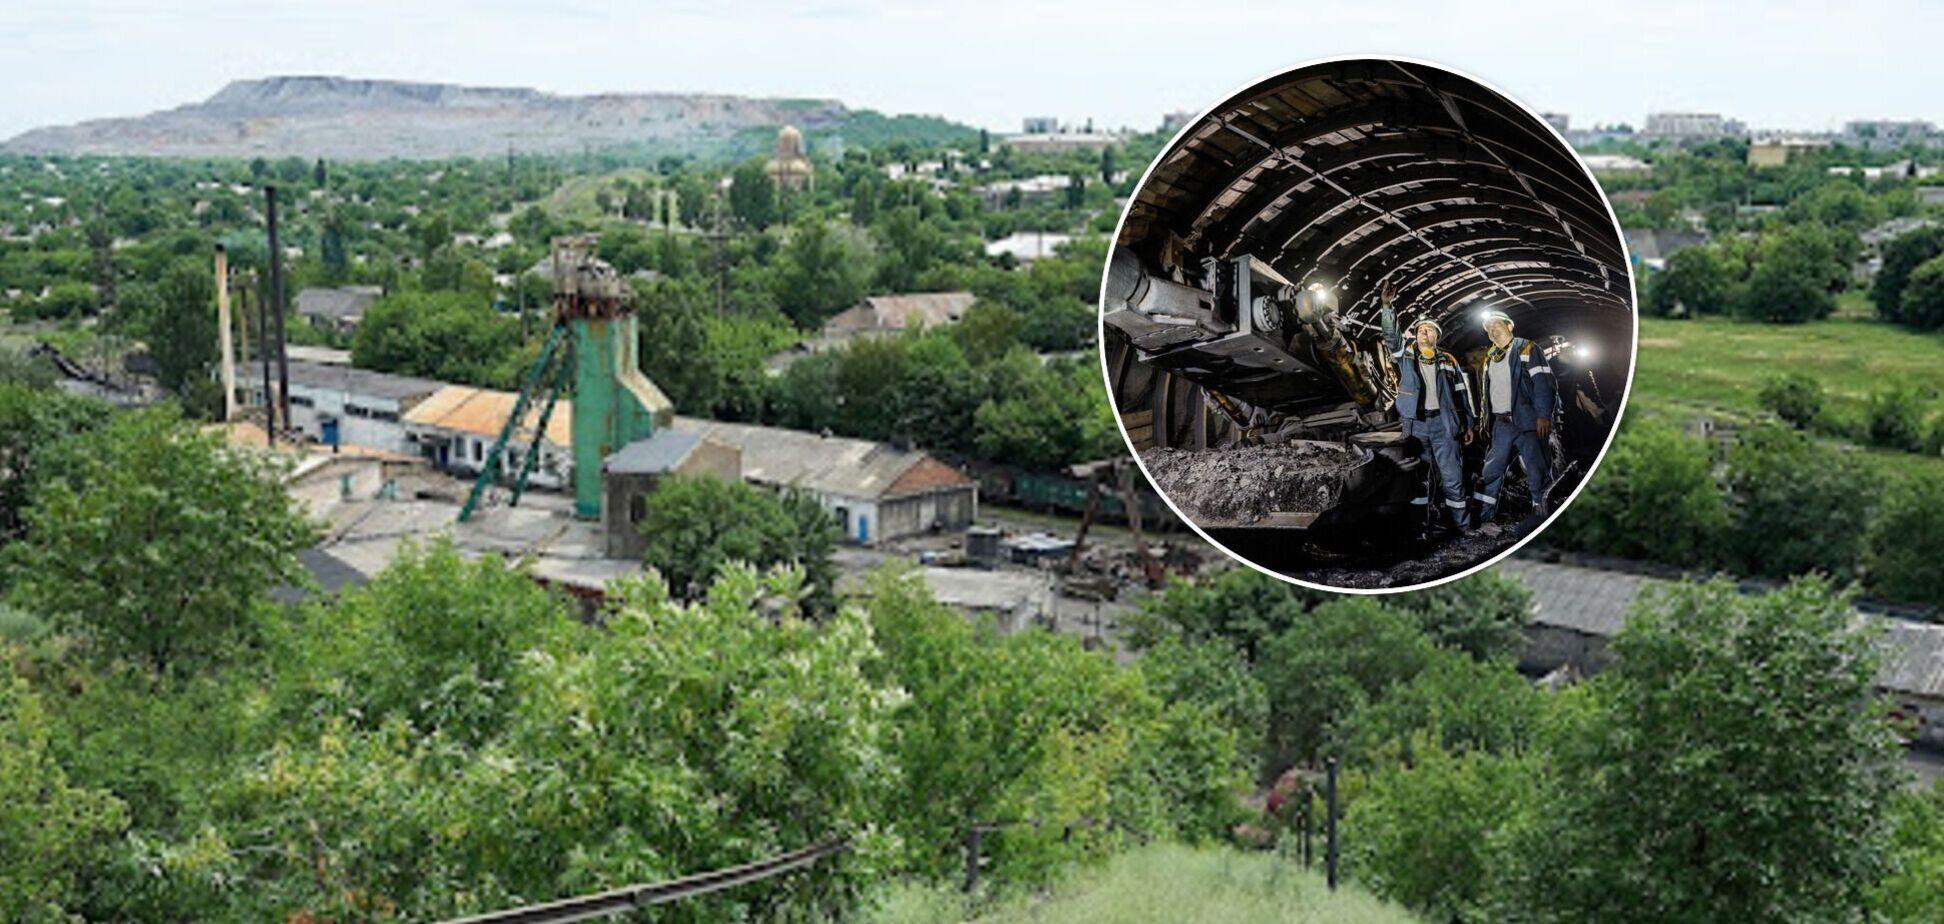 Державні шахти 'Добропіллявугілля-видобуток' скоротили видобуток вугілля на 28% – Міненерго